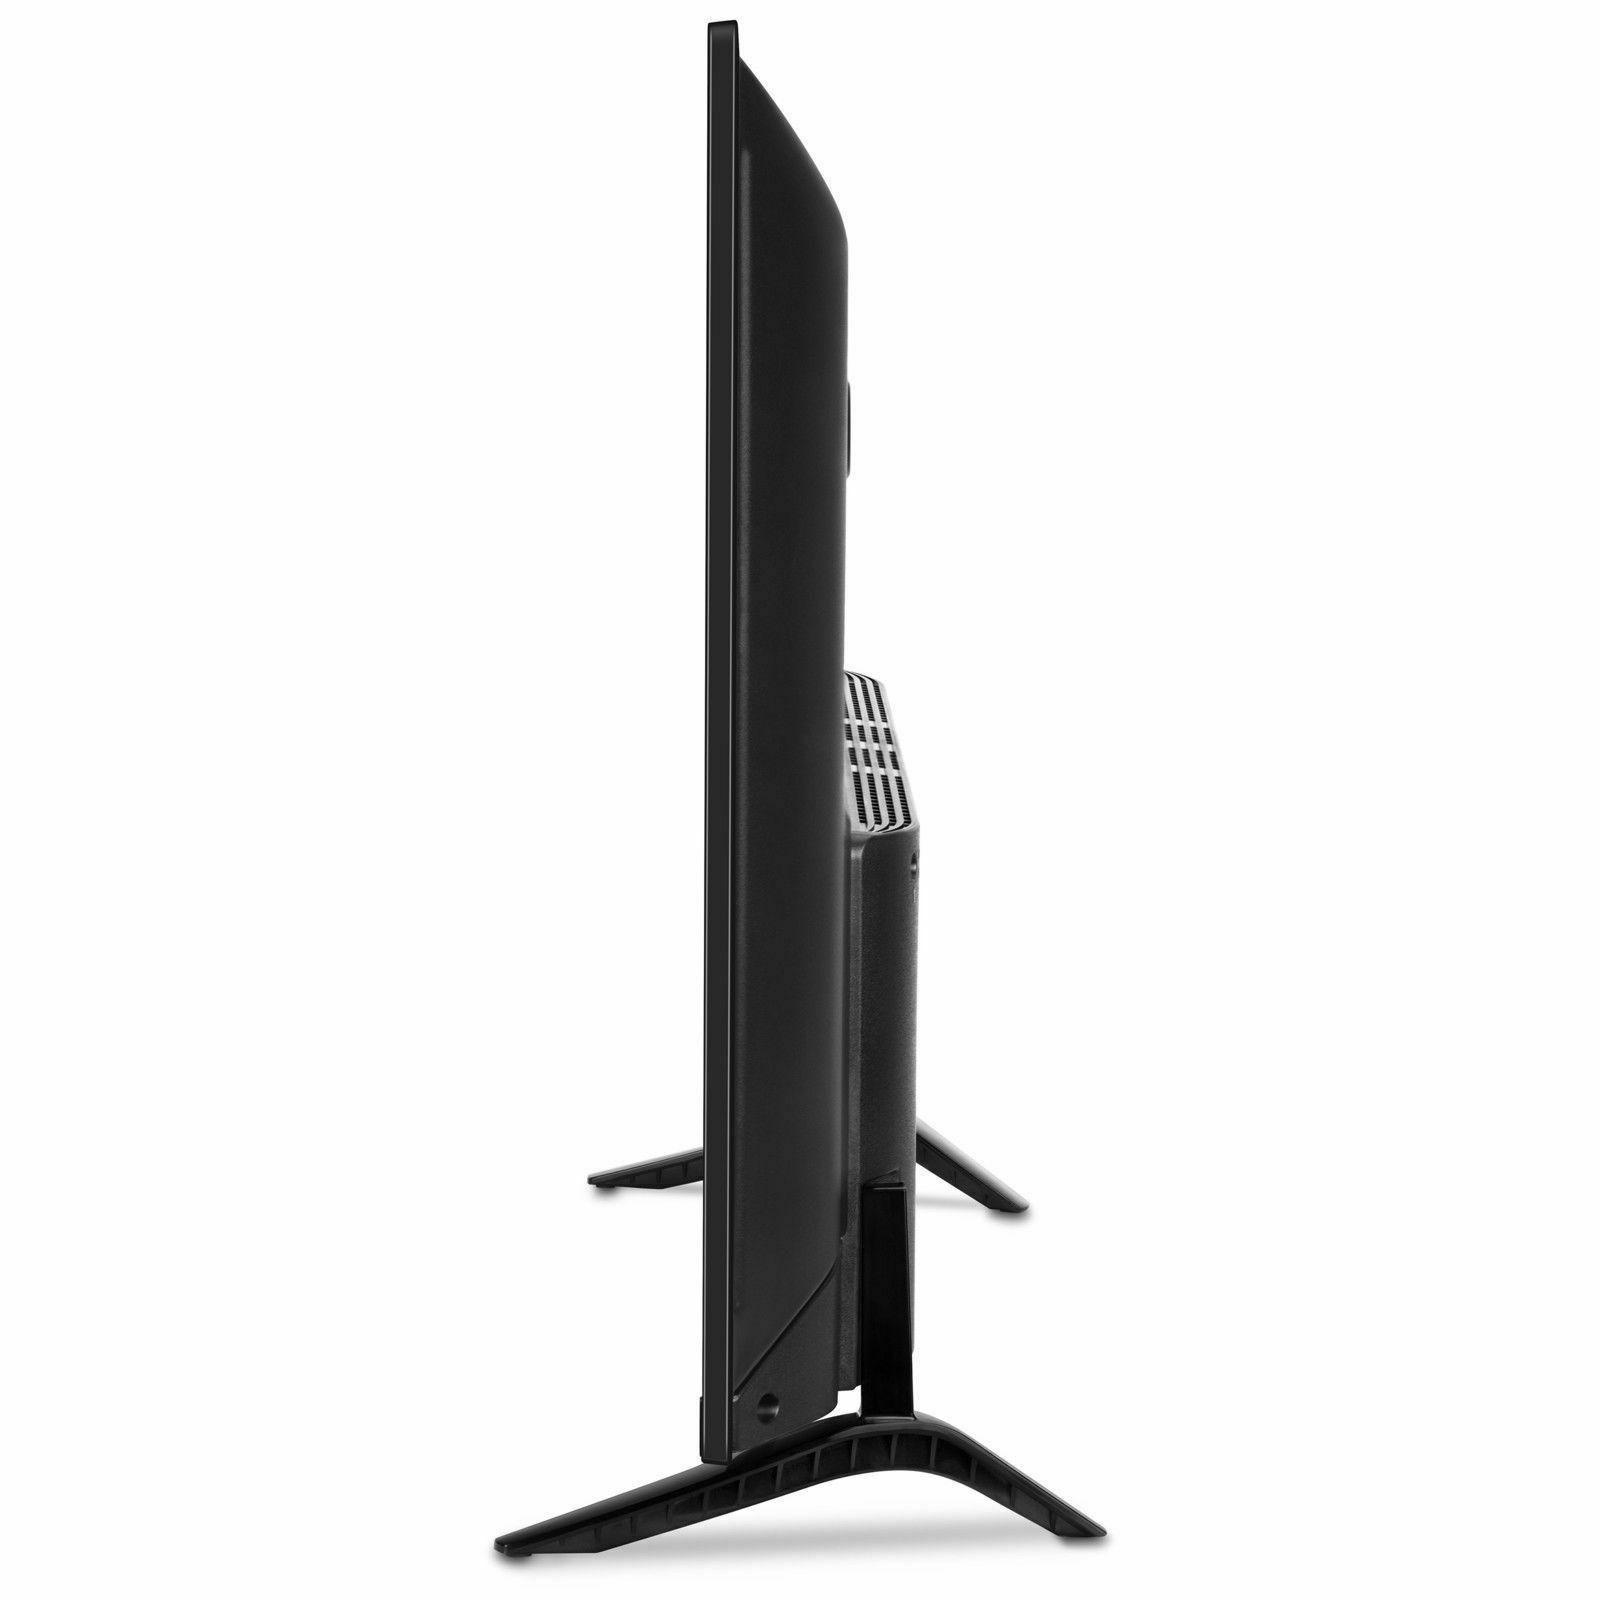 Skyworth LED TV freestanding